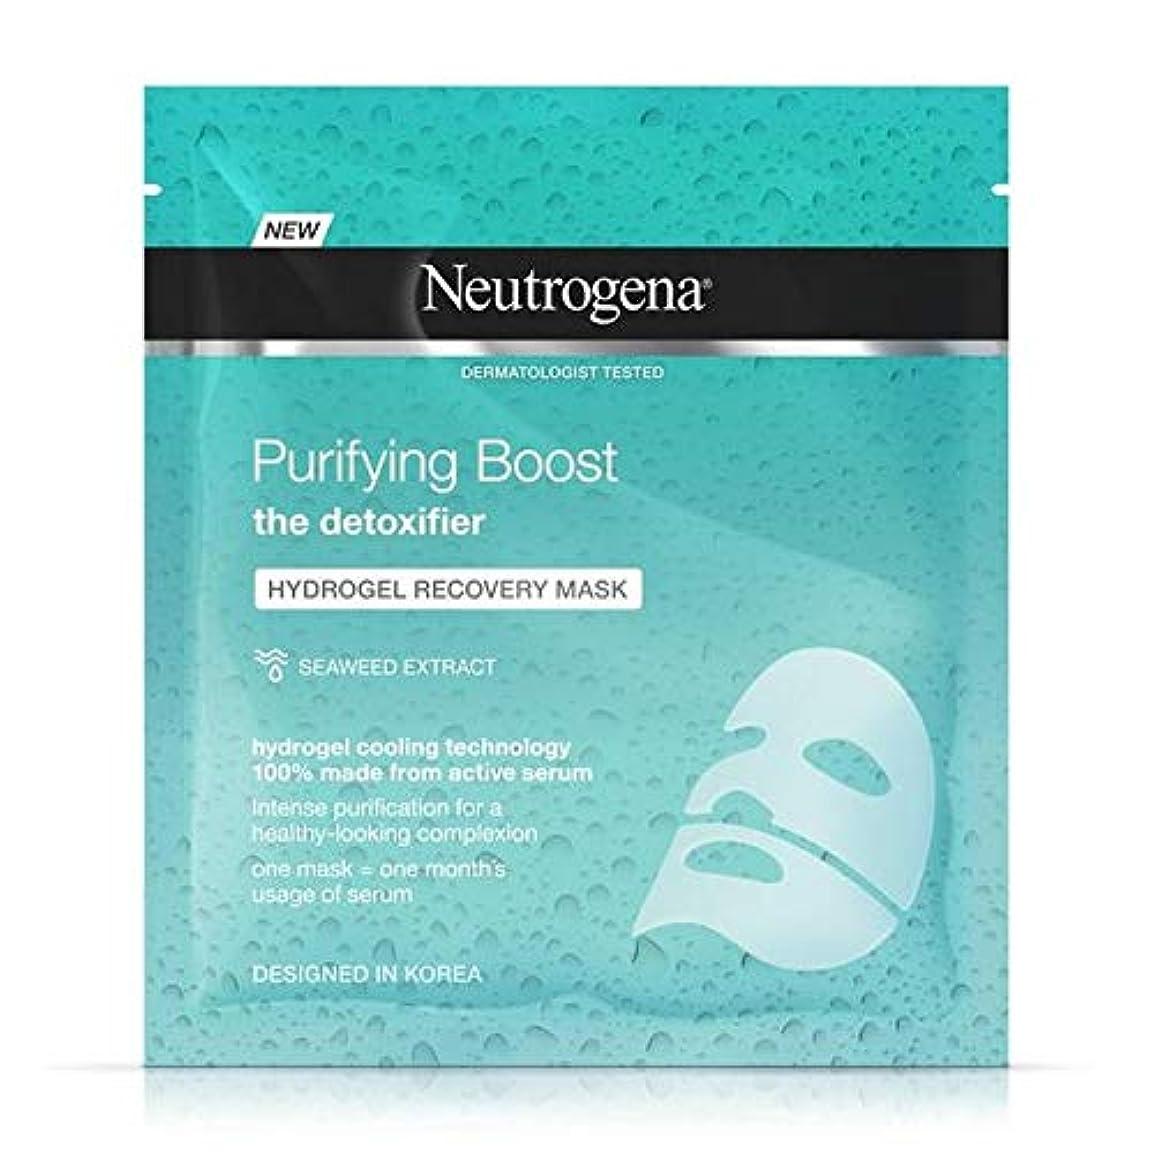 植物学ギャングスターヒョウ[Neutrogena] ニュートロジーナ浄化ブーストハイドロゲルマスク30ミリリットル - Neutrogena Purifying Boost Hydrogel Mask 30ml [並行輸入品]